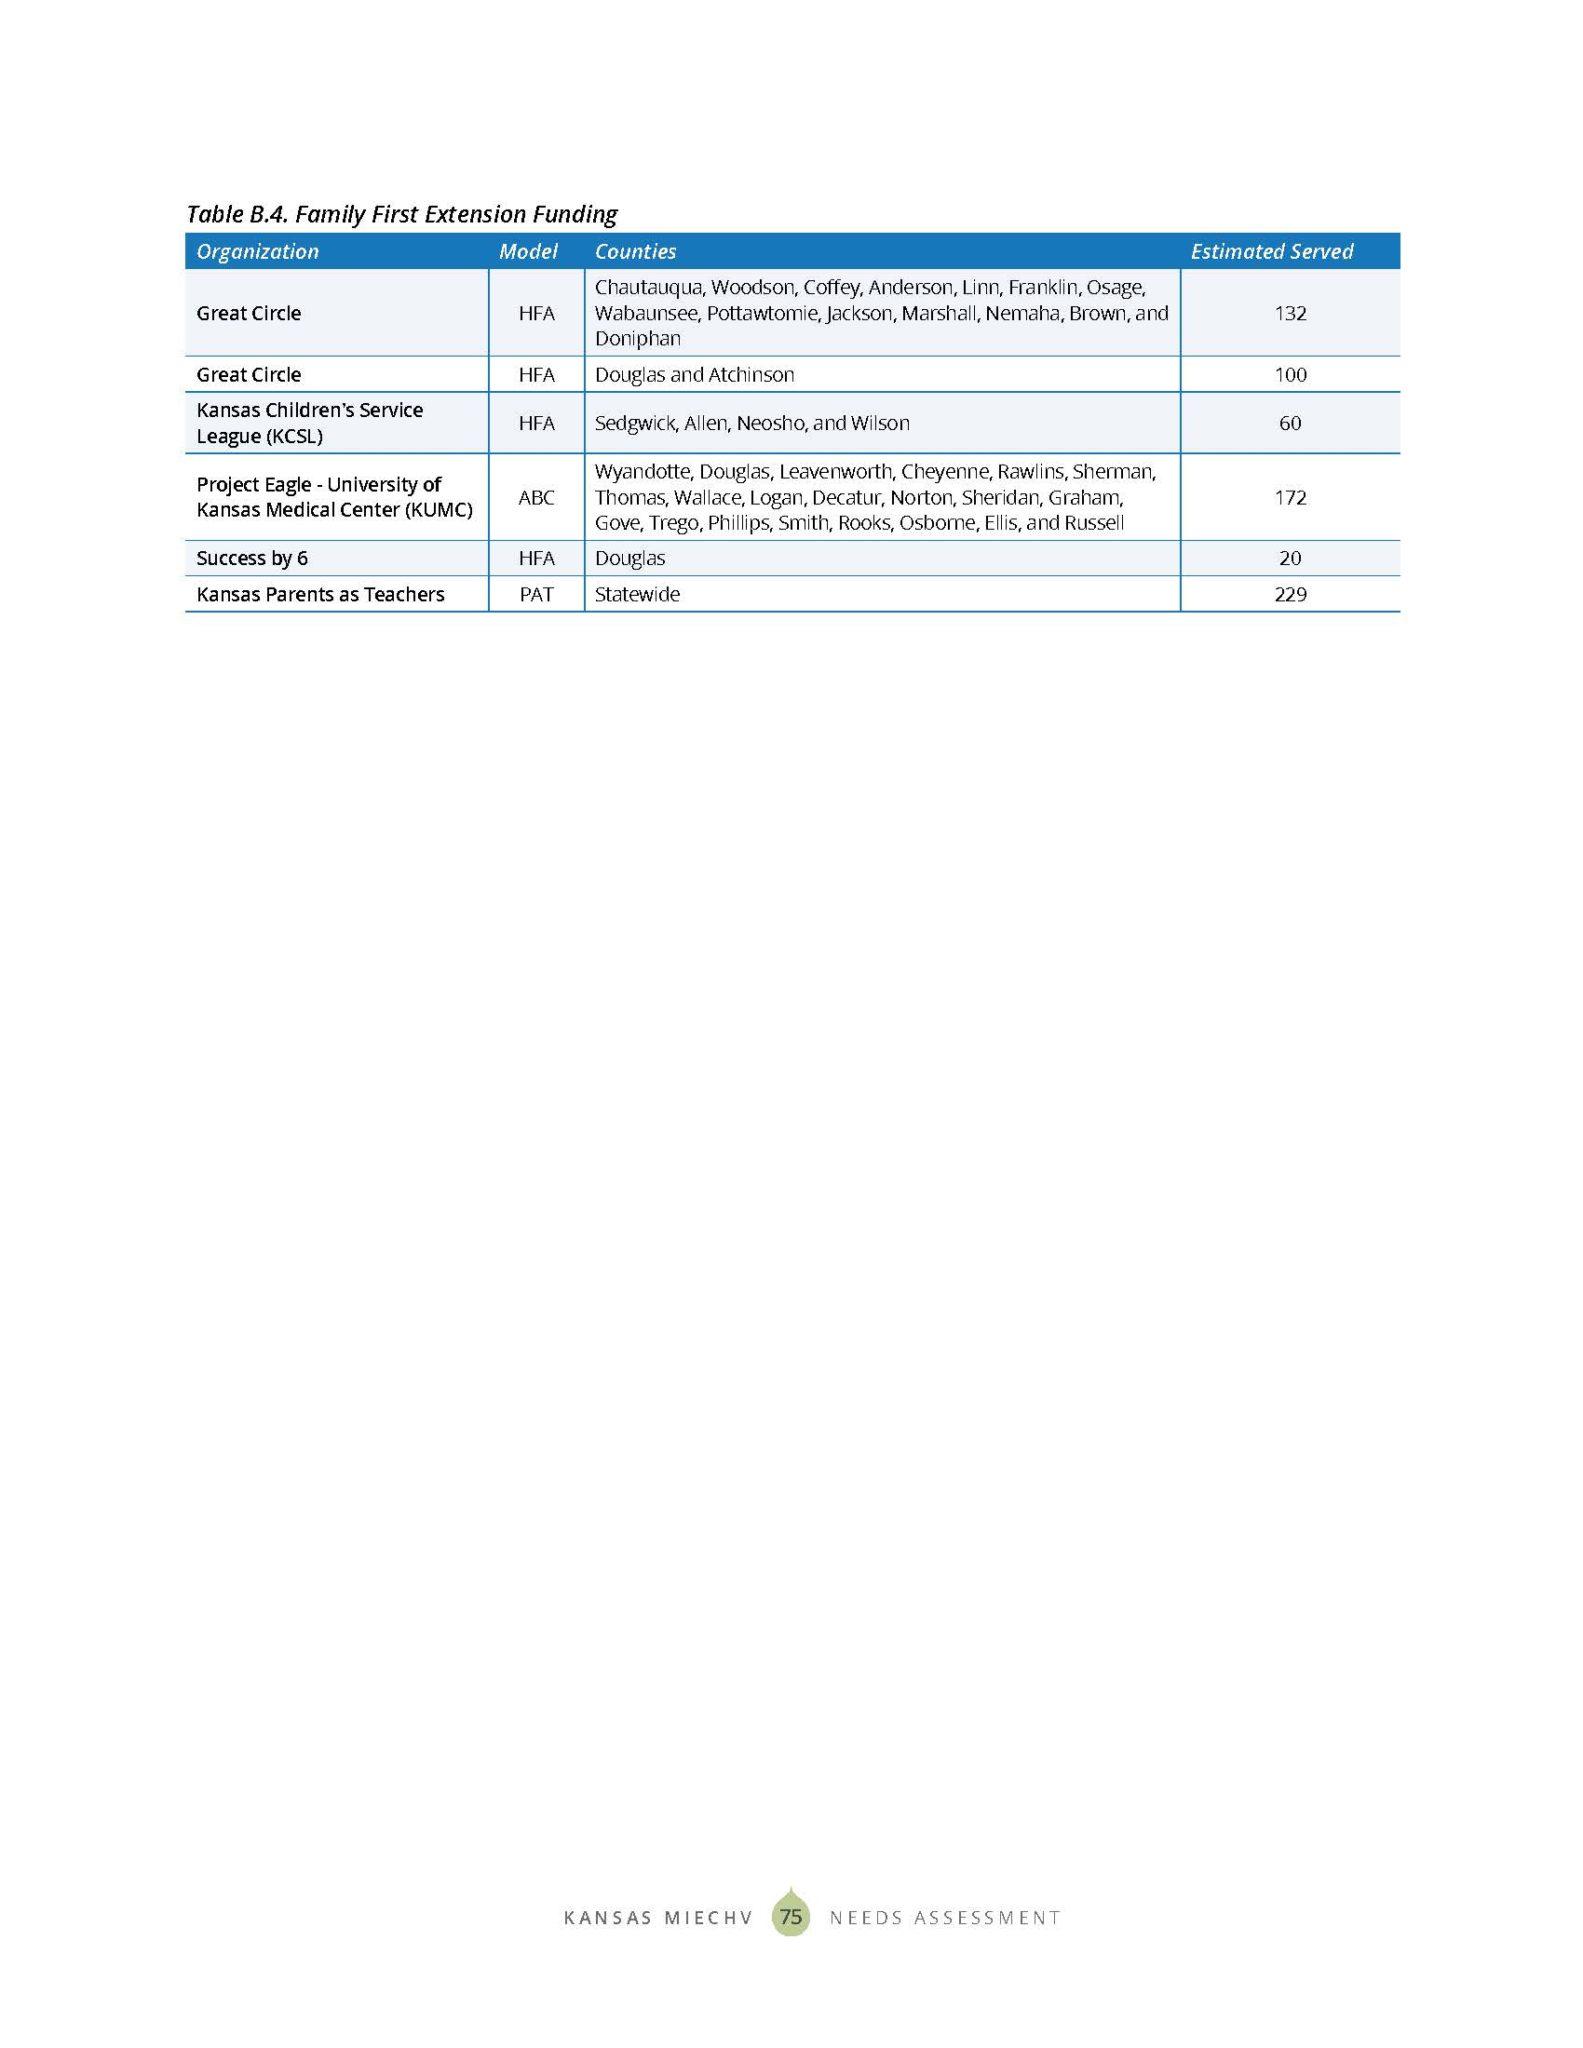 KS MIECHV 2020 Needs Assessment_DIGITAL_Page_083